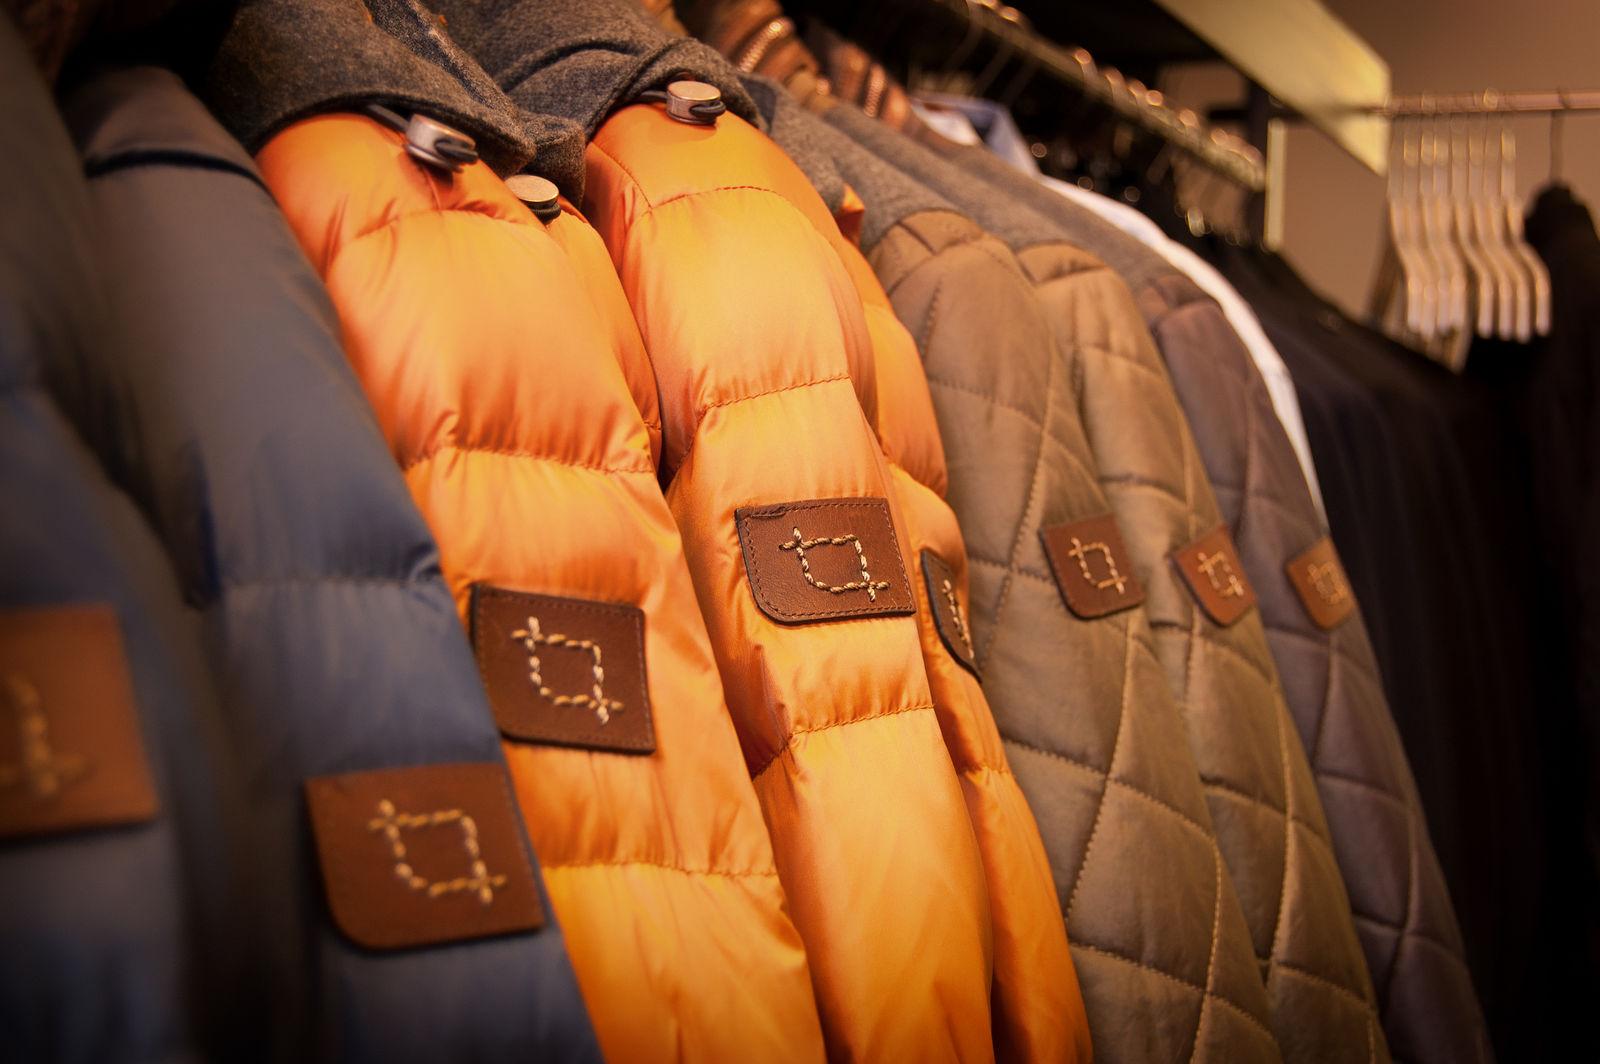 MÖllER Womenswear - Menswear in Kempen (Bild 13)